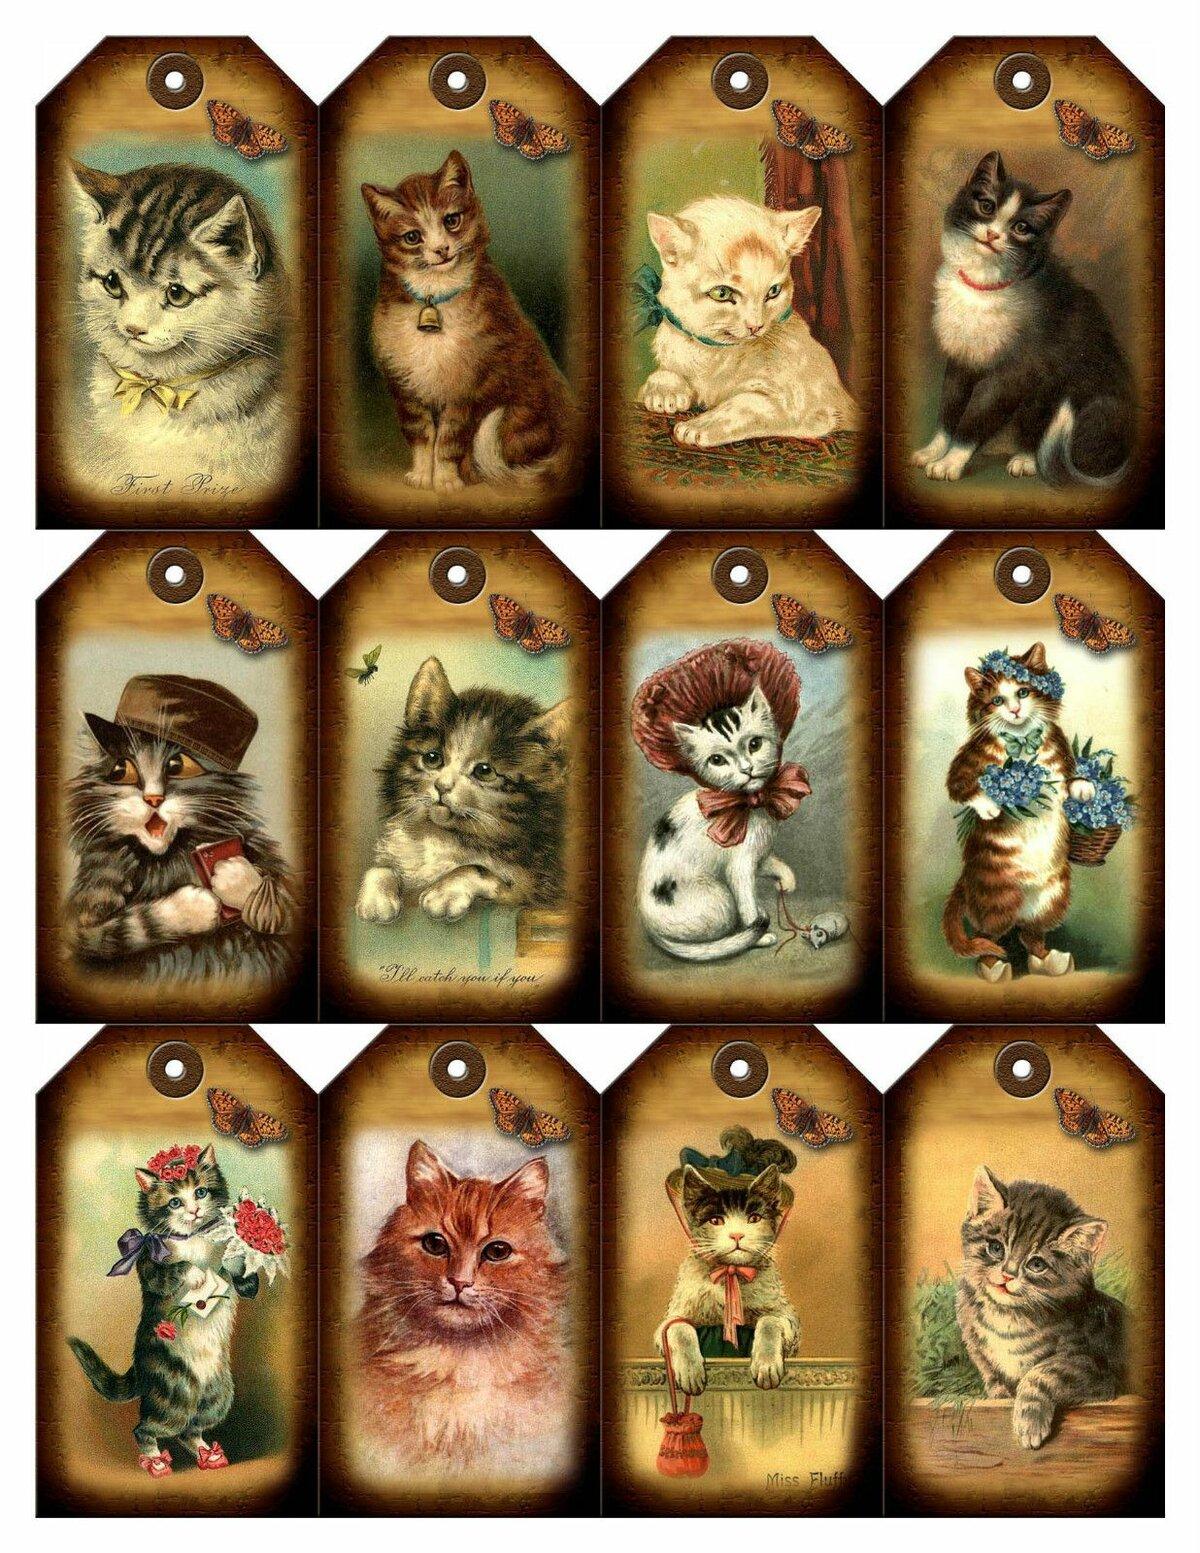 меня картинки кошек для скрапбукинга называли